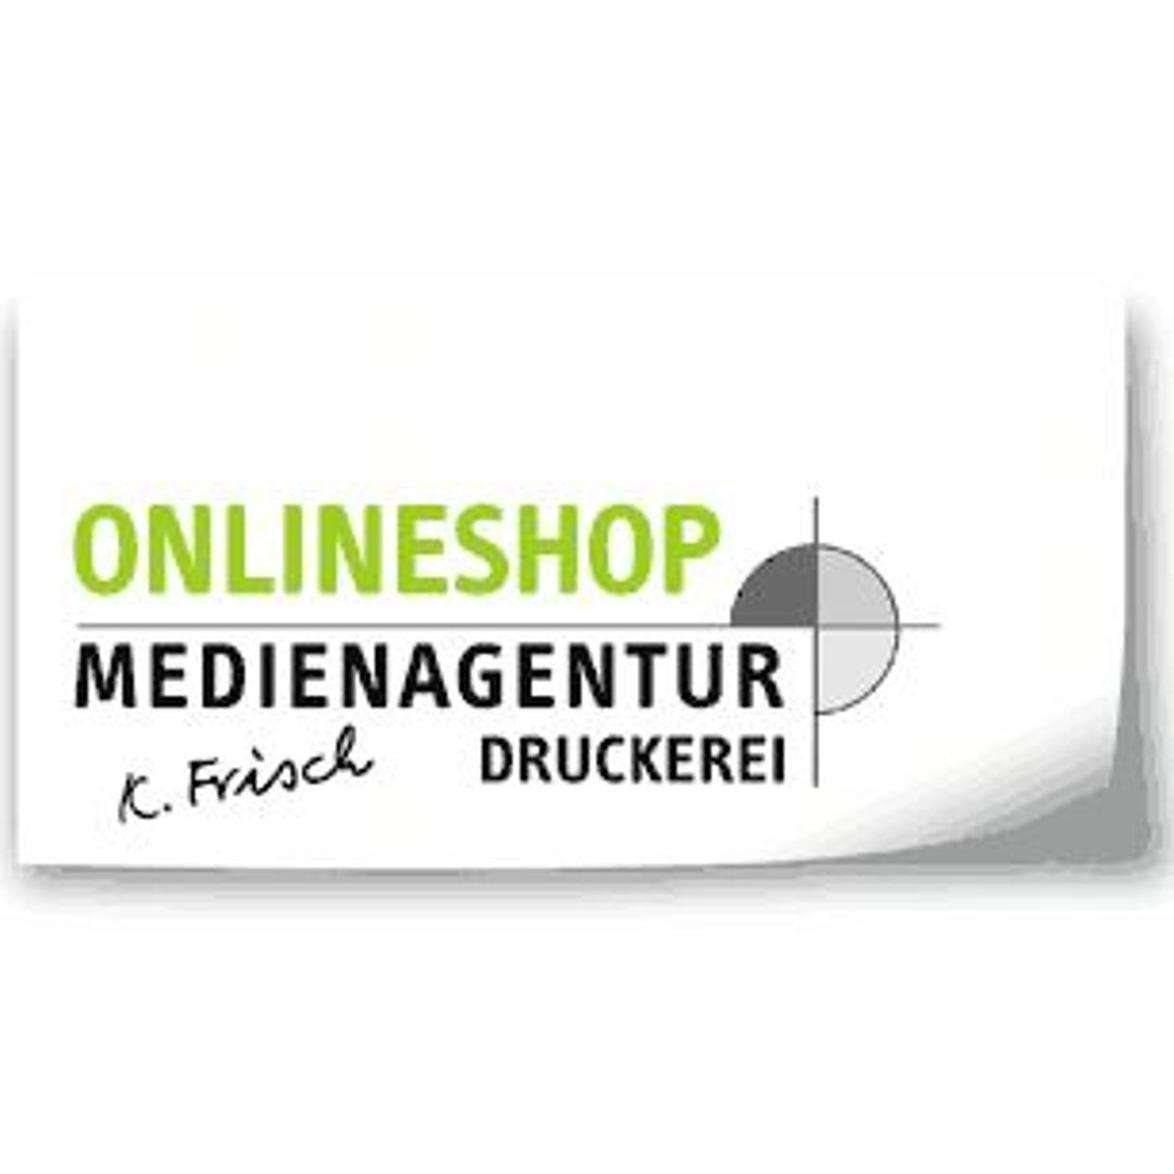 Medienagentur & Druckerei Frisch Eisenach